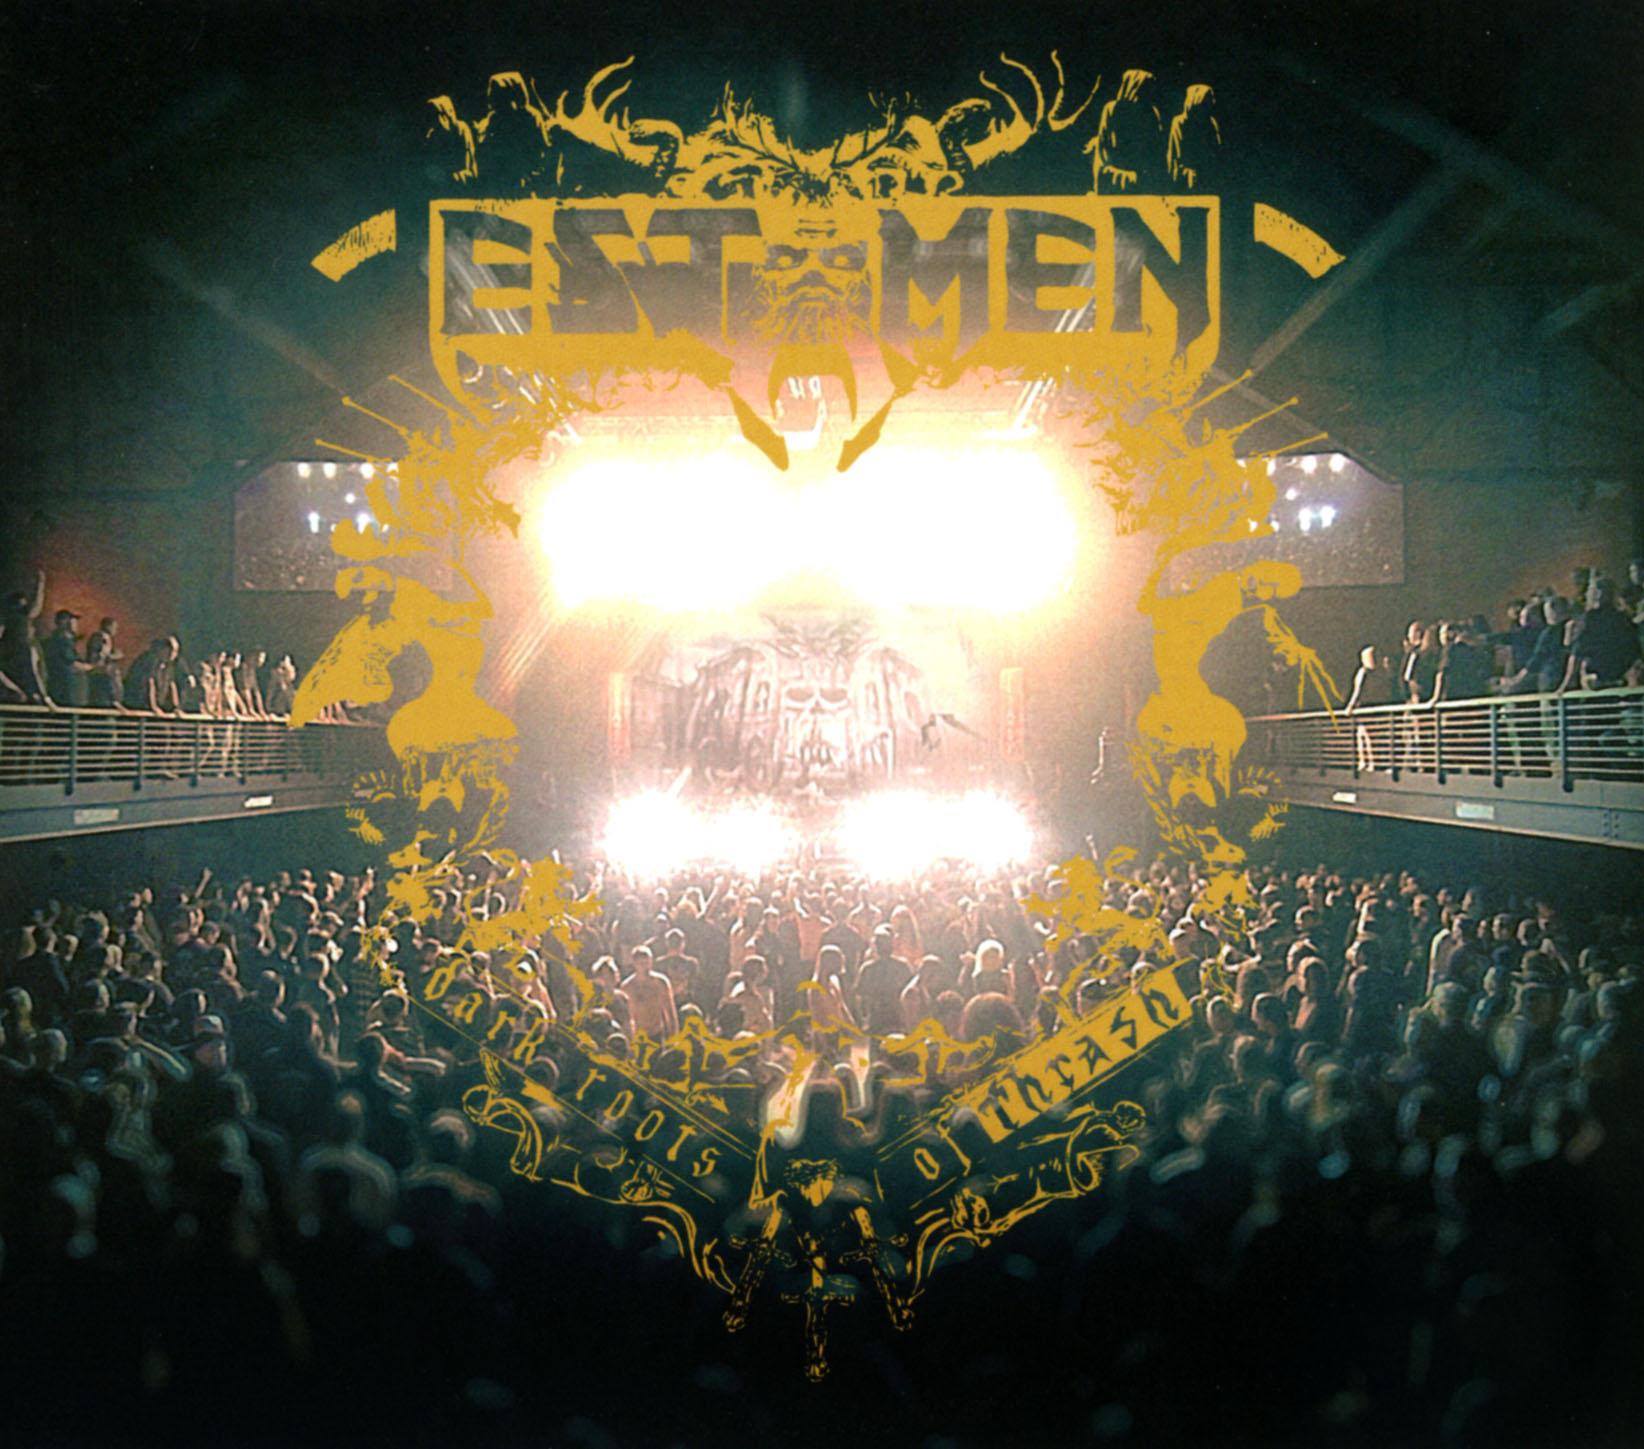 Testament: Dark Roots of Thrash